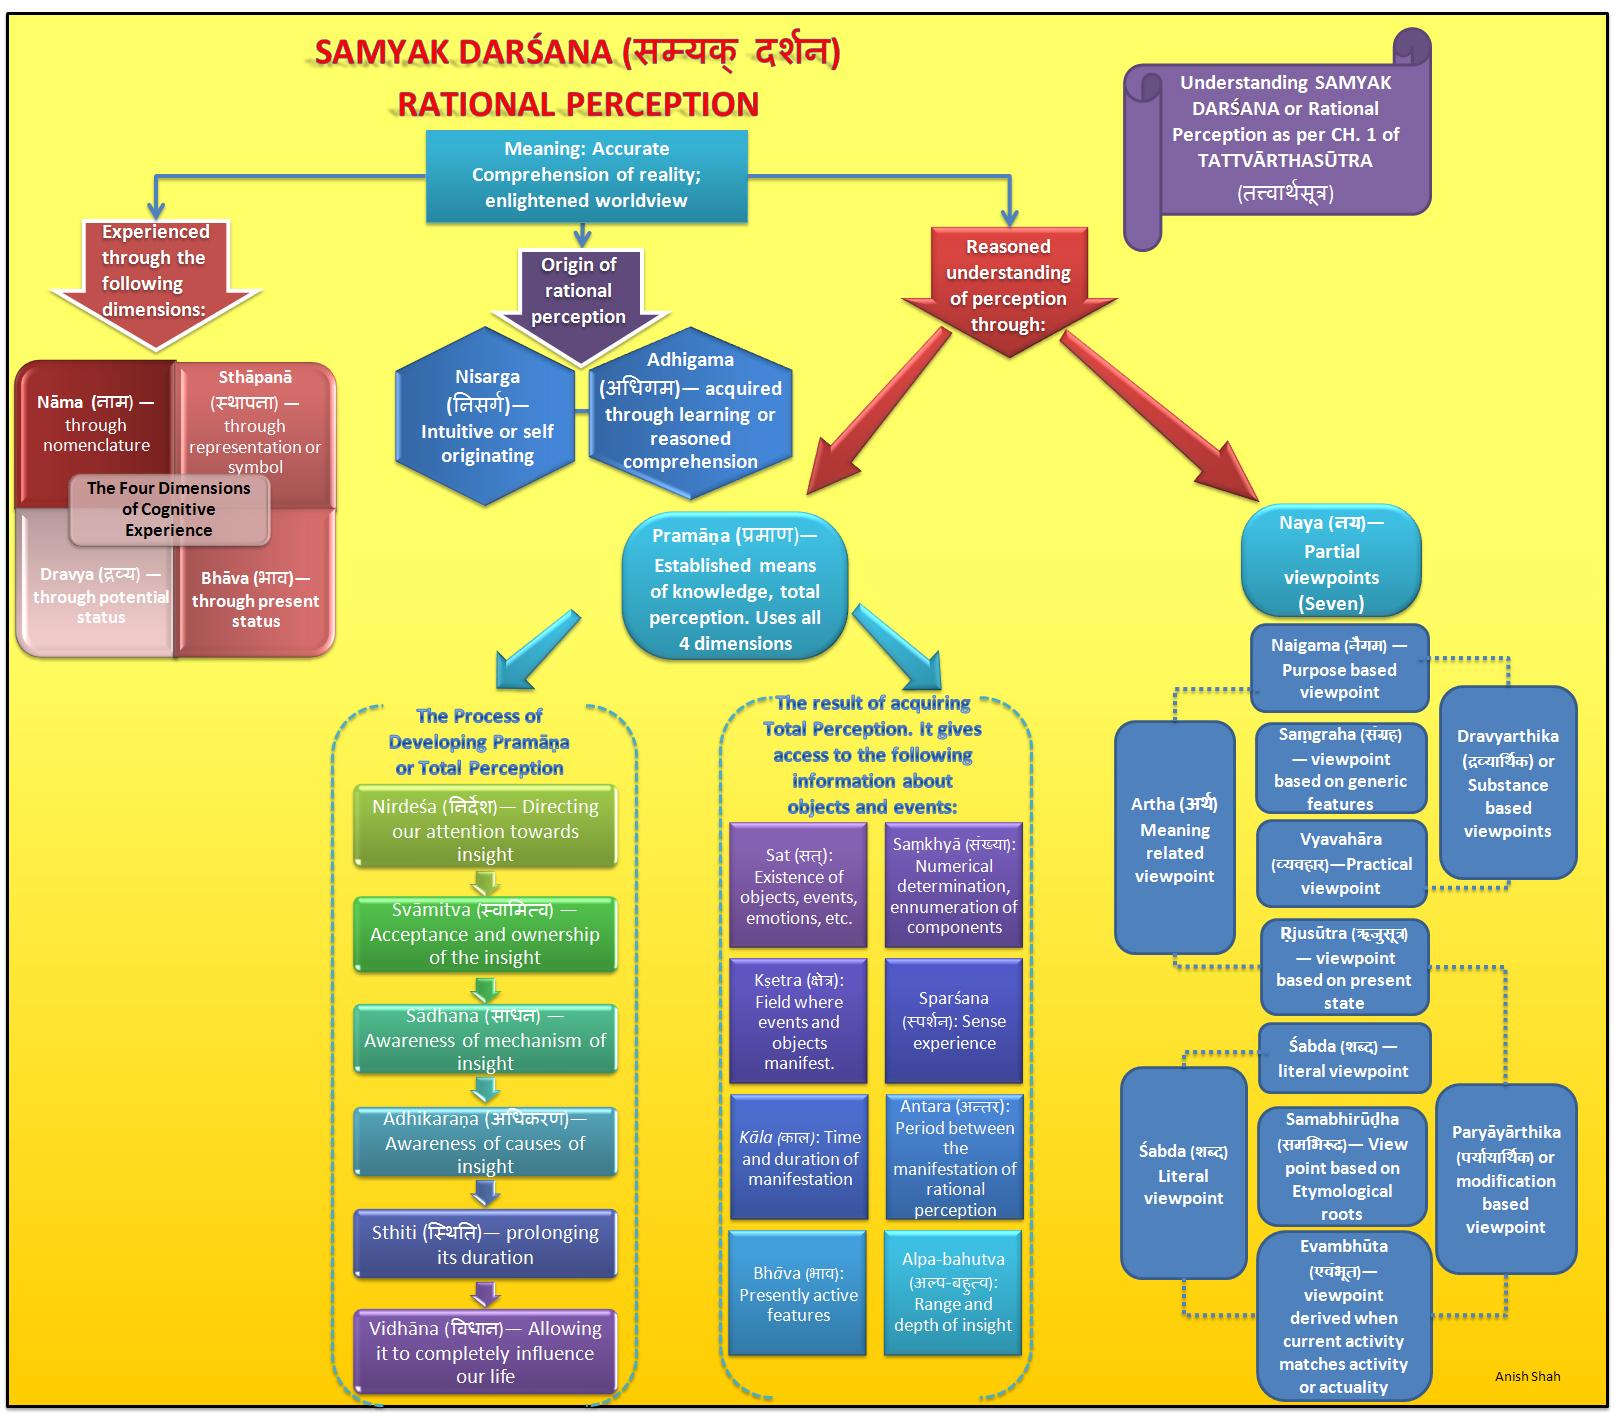 Type Matchup Chart: Samyak Darsana Chart.jpg - Wikimedia Commons,Chart